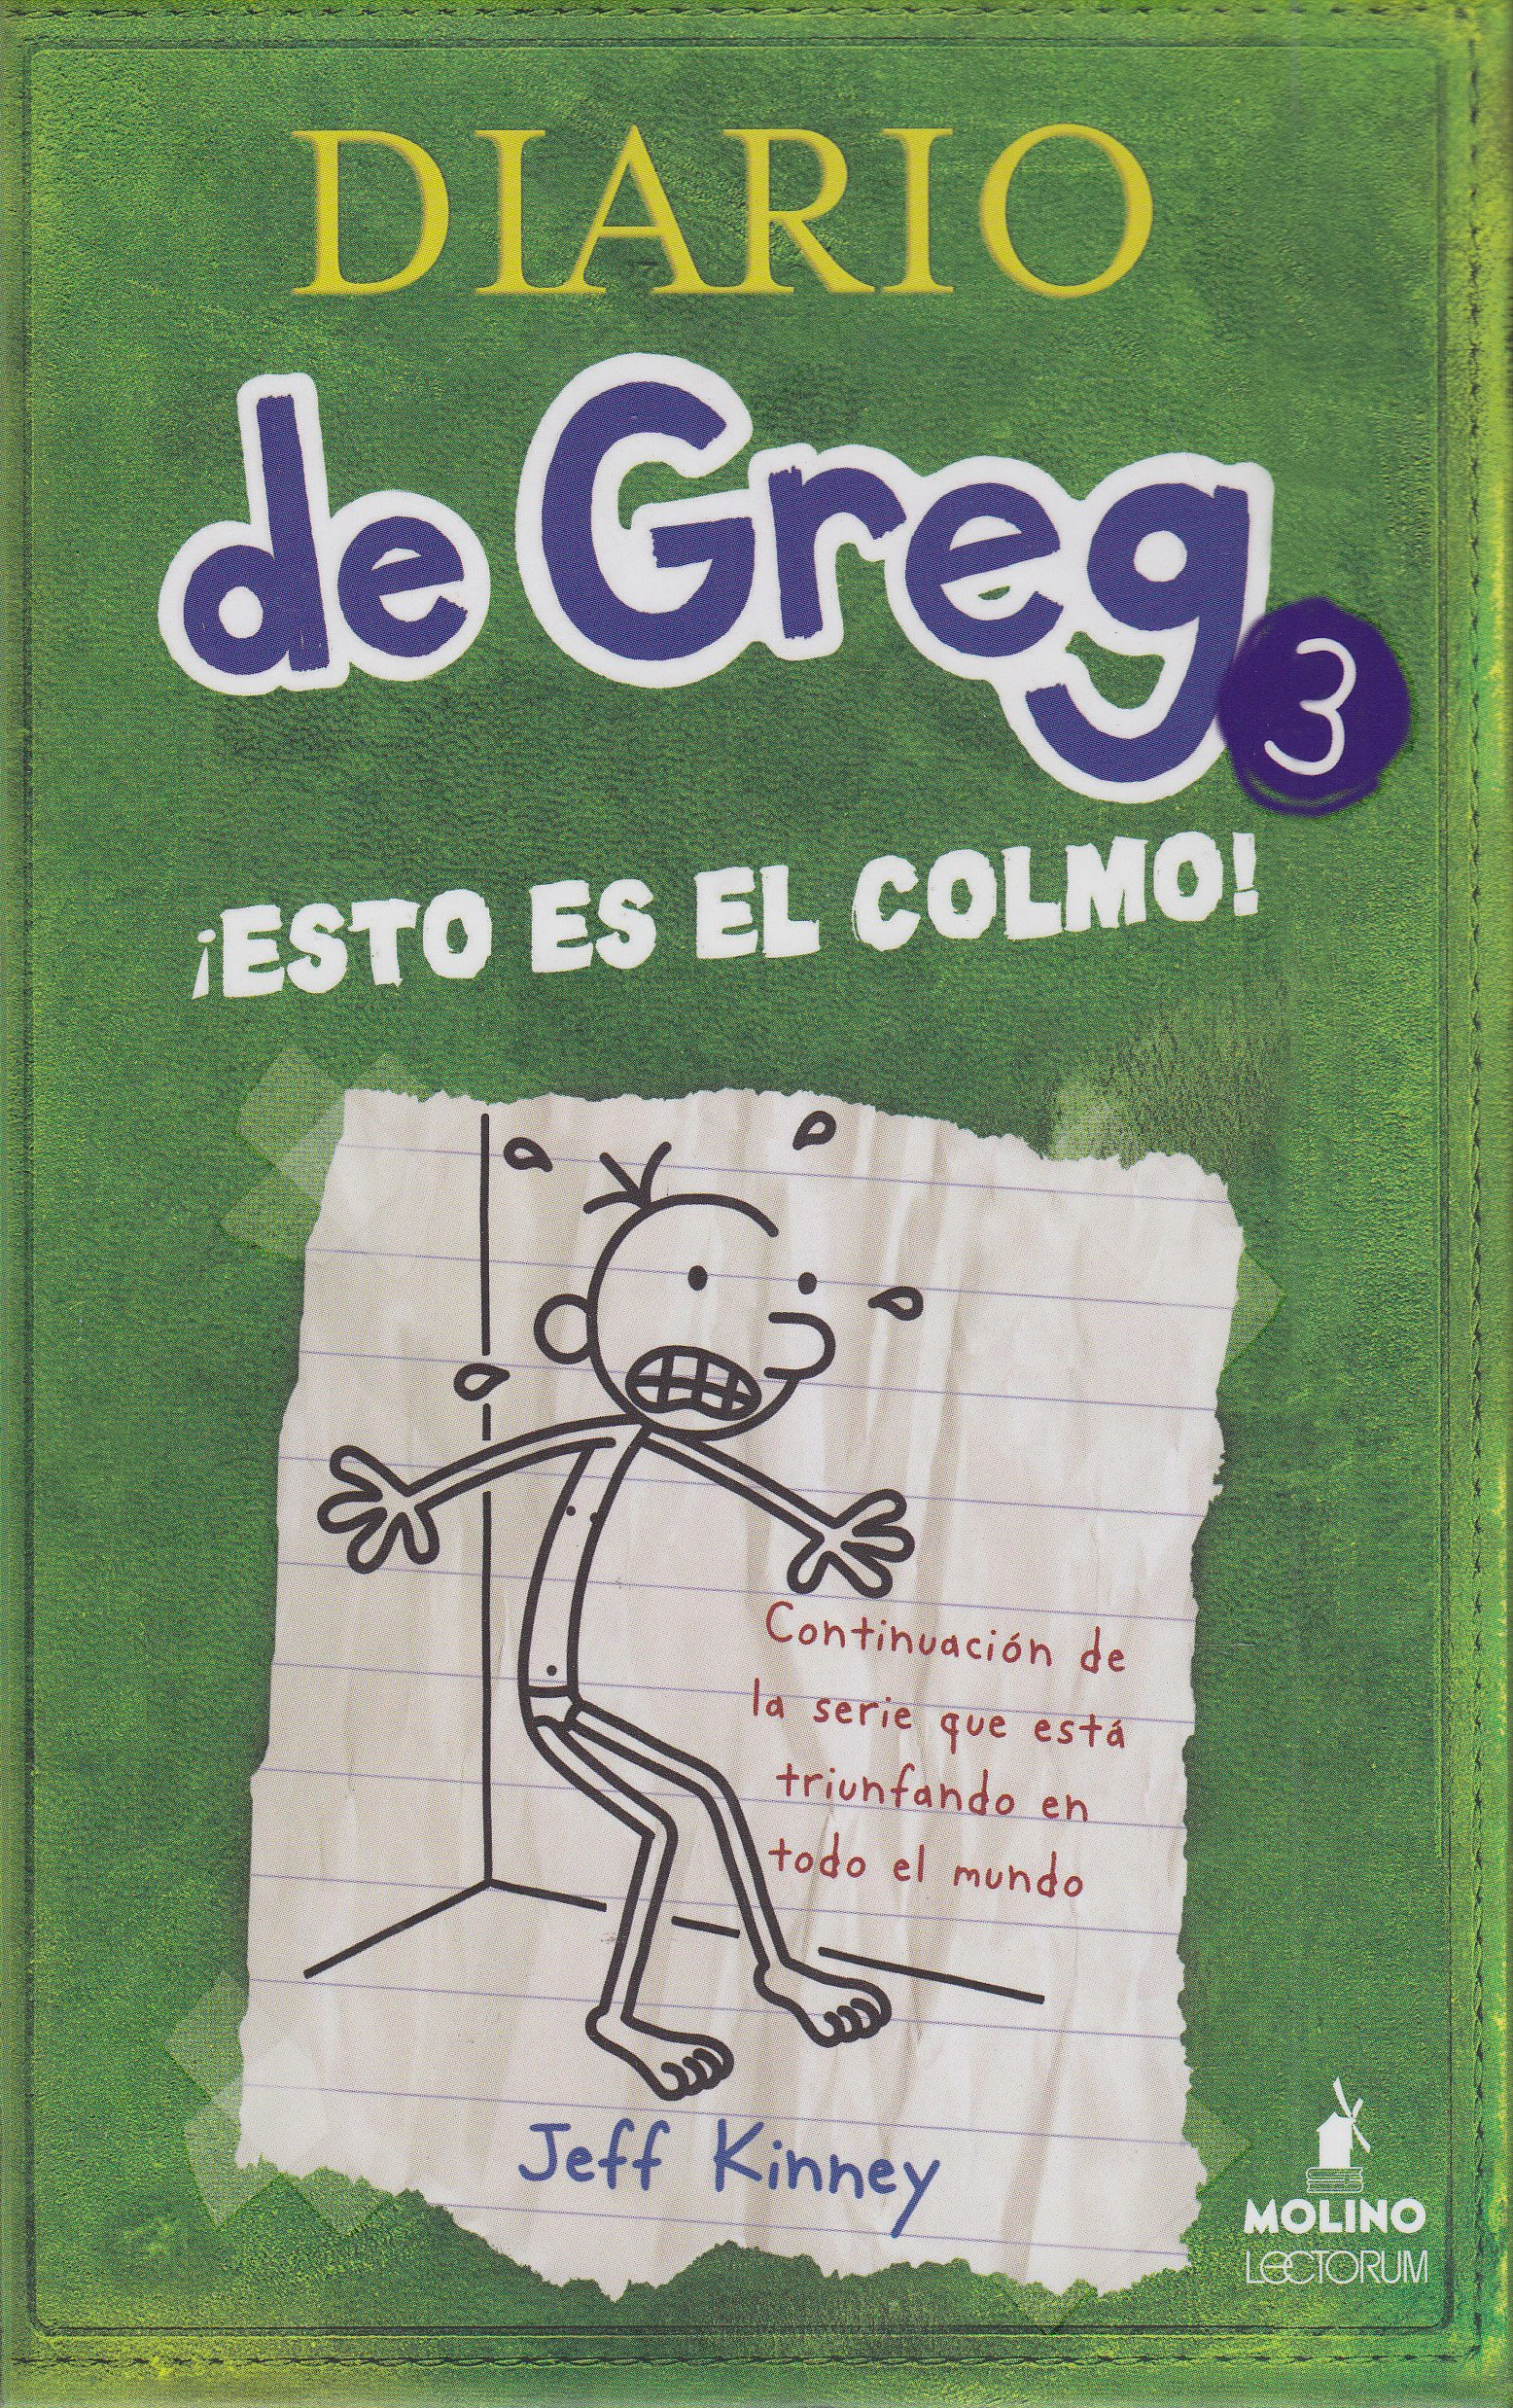 Diario de Greg # 3:¡ Esto es el colmo! (Spanish Edition) by Molino